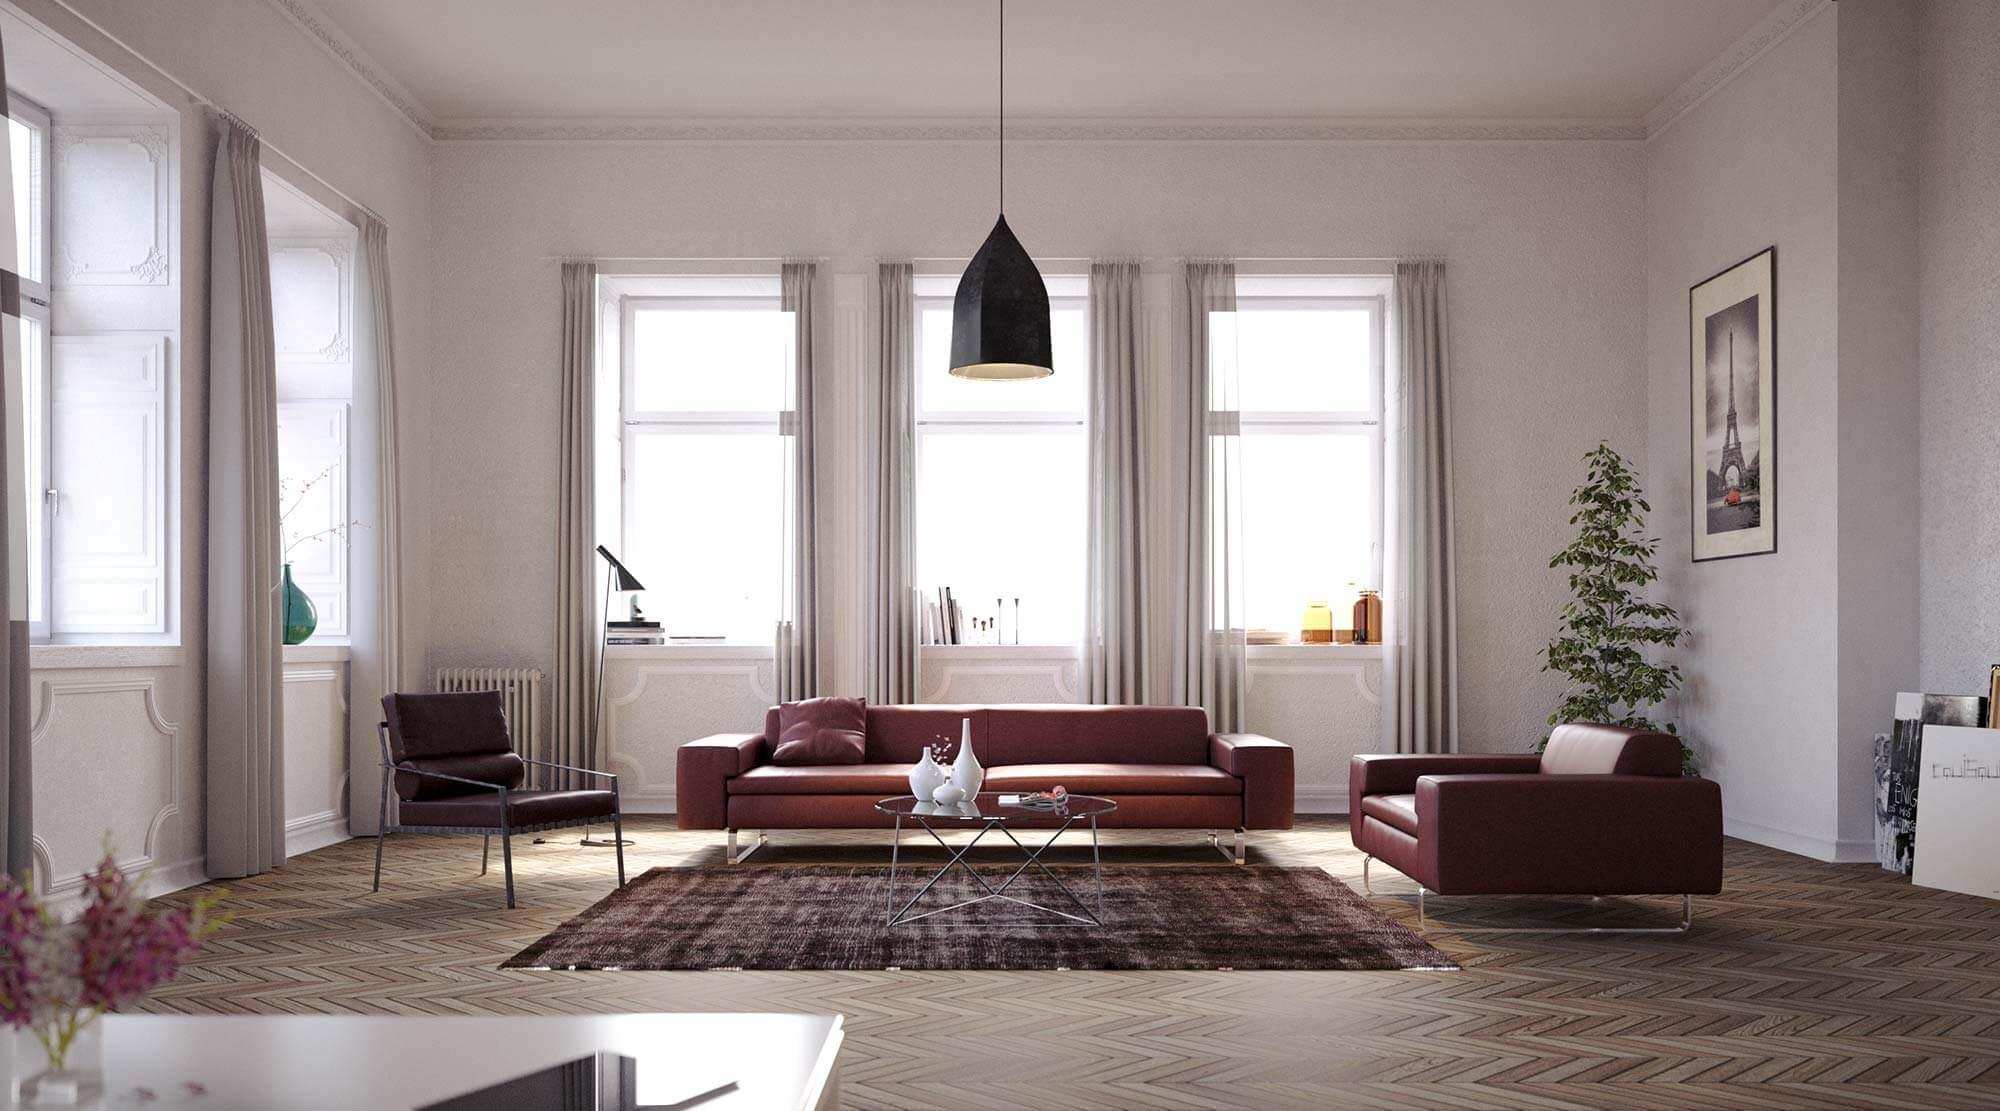 LBX-Interior_Livingroom-2.jpg